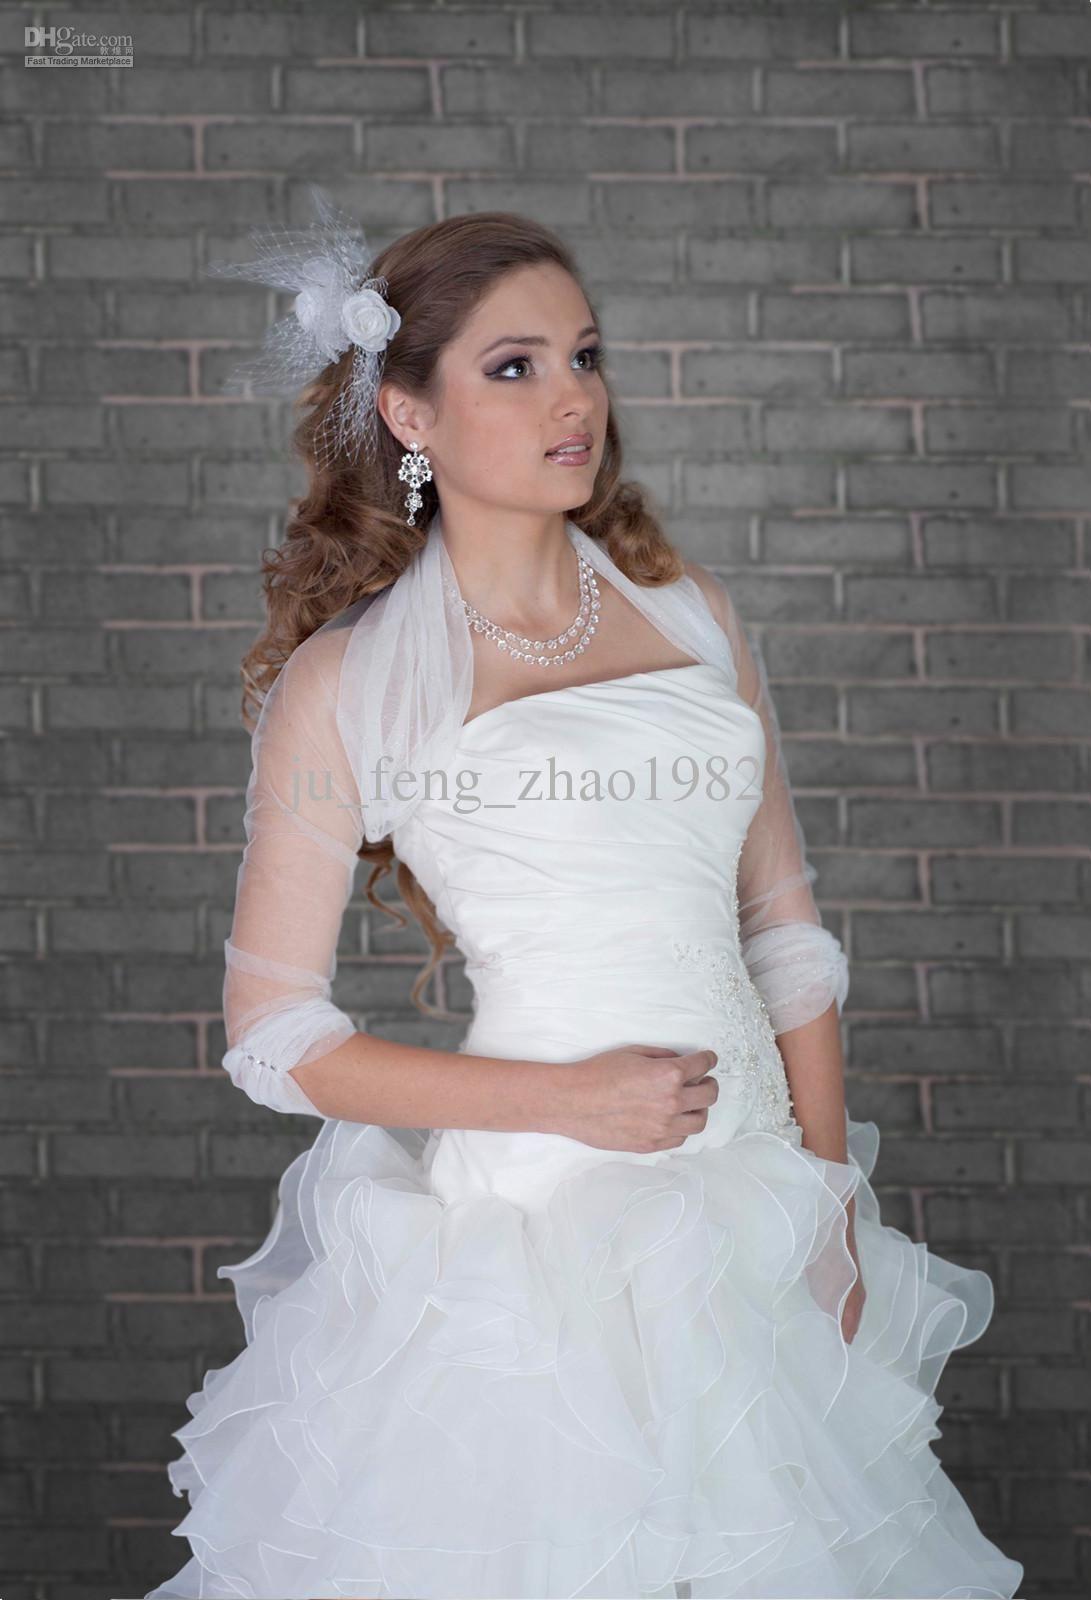 2018 White Ivory New Tulle Jacket Bridal Wrap Shrug Long Sleeve Bolero Wedding Party Prom From Ju Feng Zhao1982 19 1 Dhgate Com